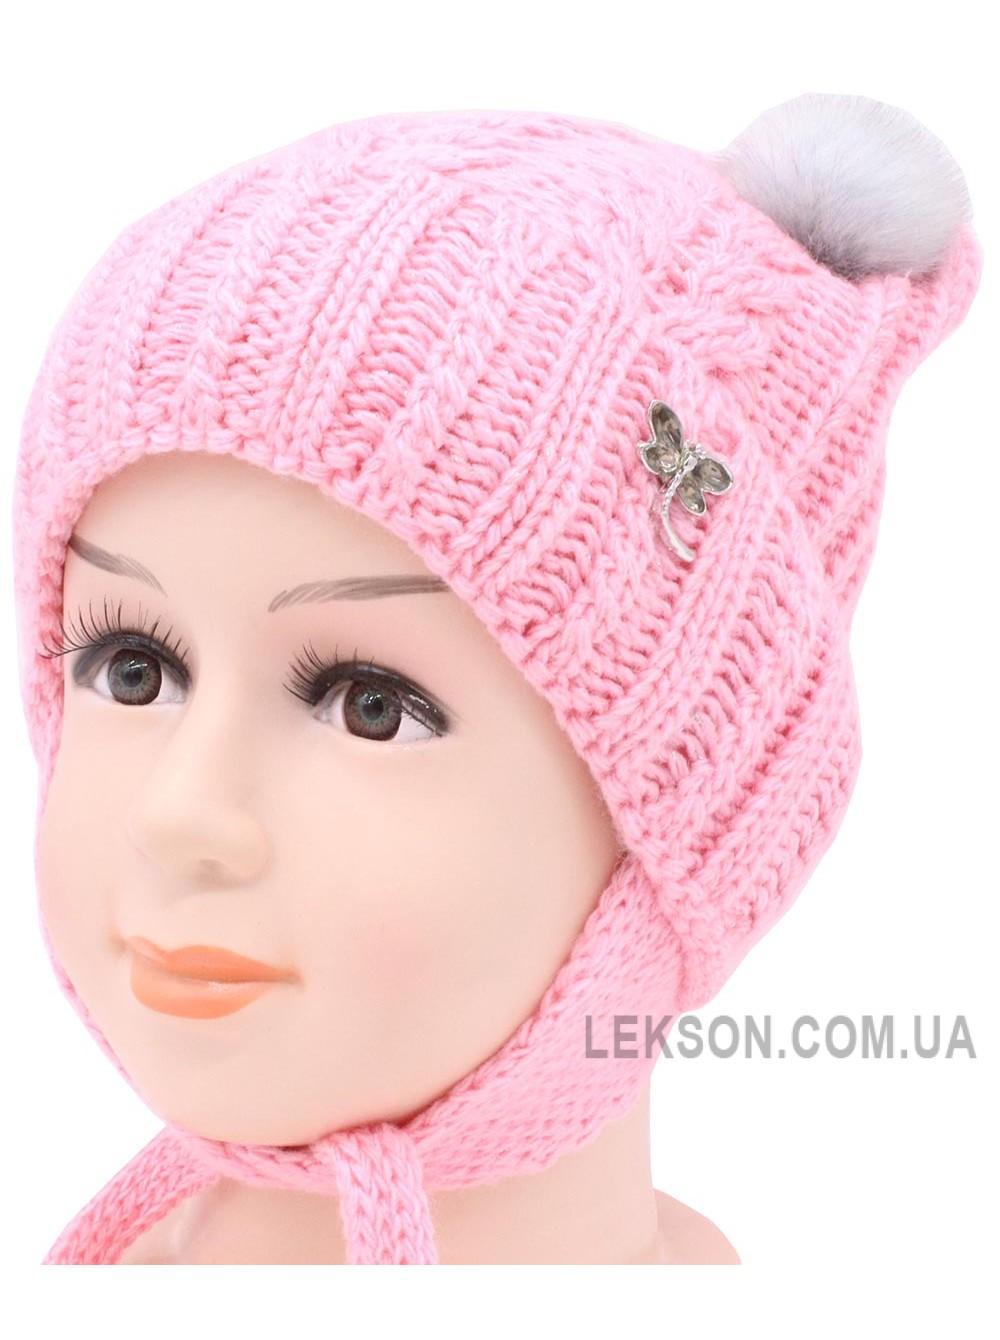 Детская вязаная шапка Лика D56236-44-48